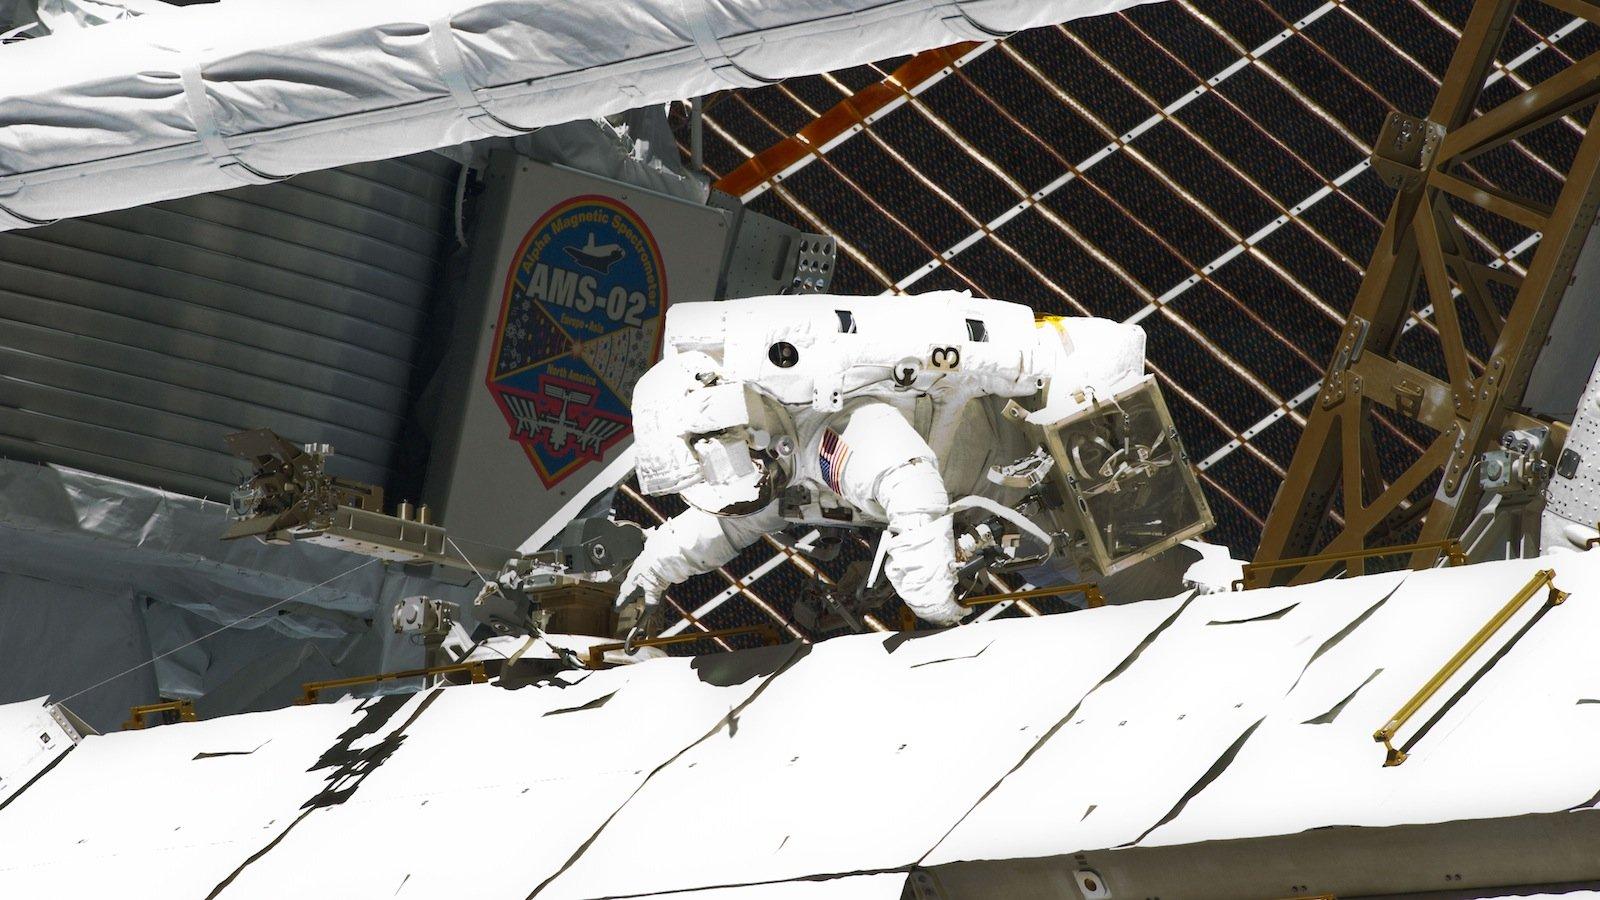 Nachdem der Teilchendetektor AMS von den beiden NASA-Astronauten Gregory Johnson und Greg Chamitoff mit dem ISS-Roboterarm aus der Ladebucht des Space Shuttle Endeavour gehoben und zu seinem Platz an der Gitterstruktur S§ gebracht wurde, installierten NASA-Astronauten die riesige Teilchenkamera.